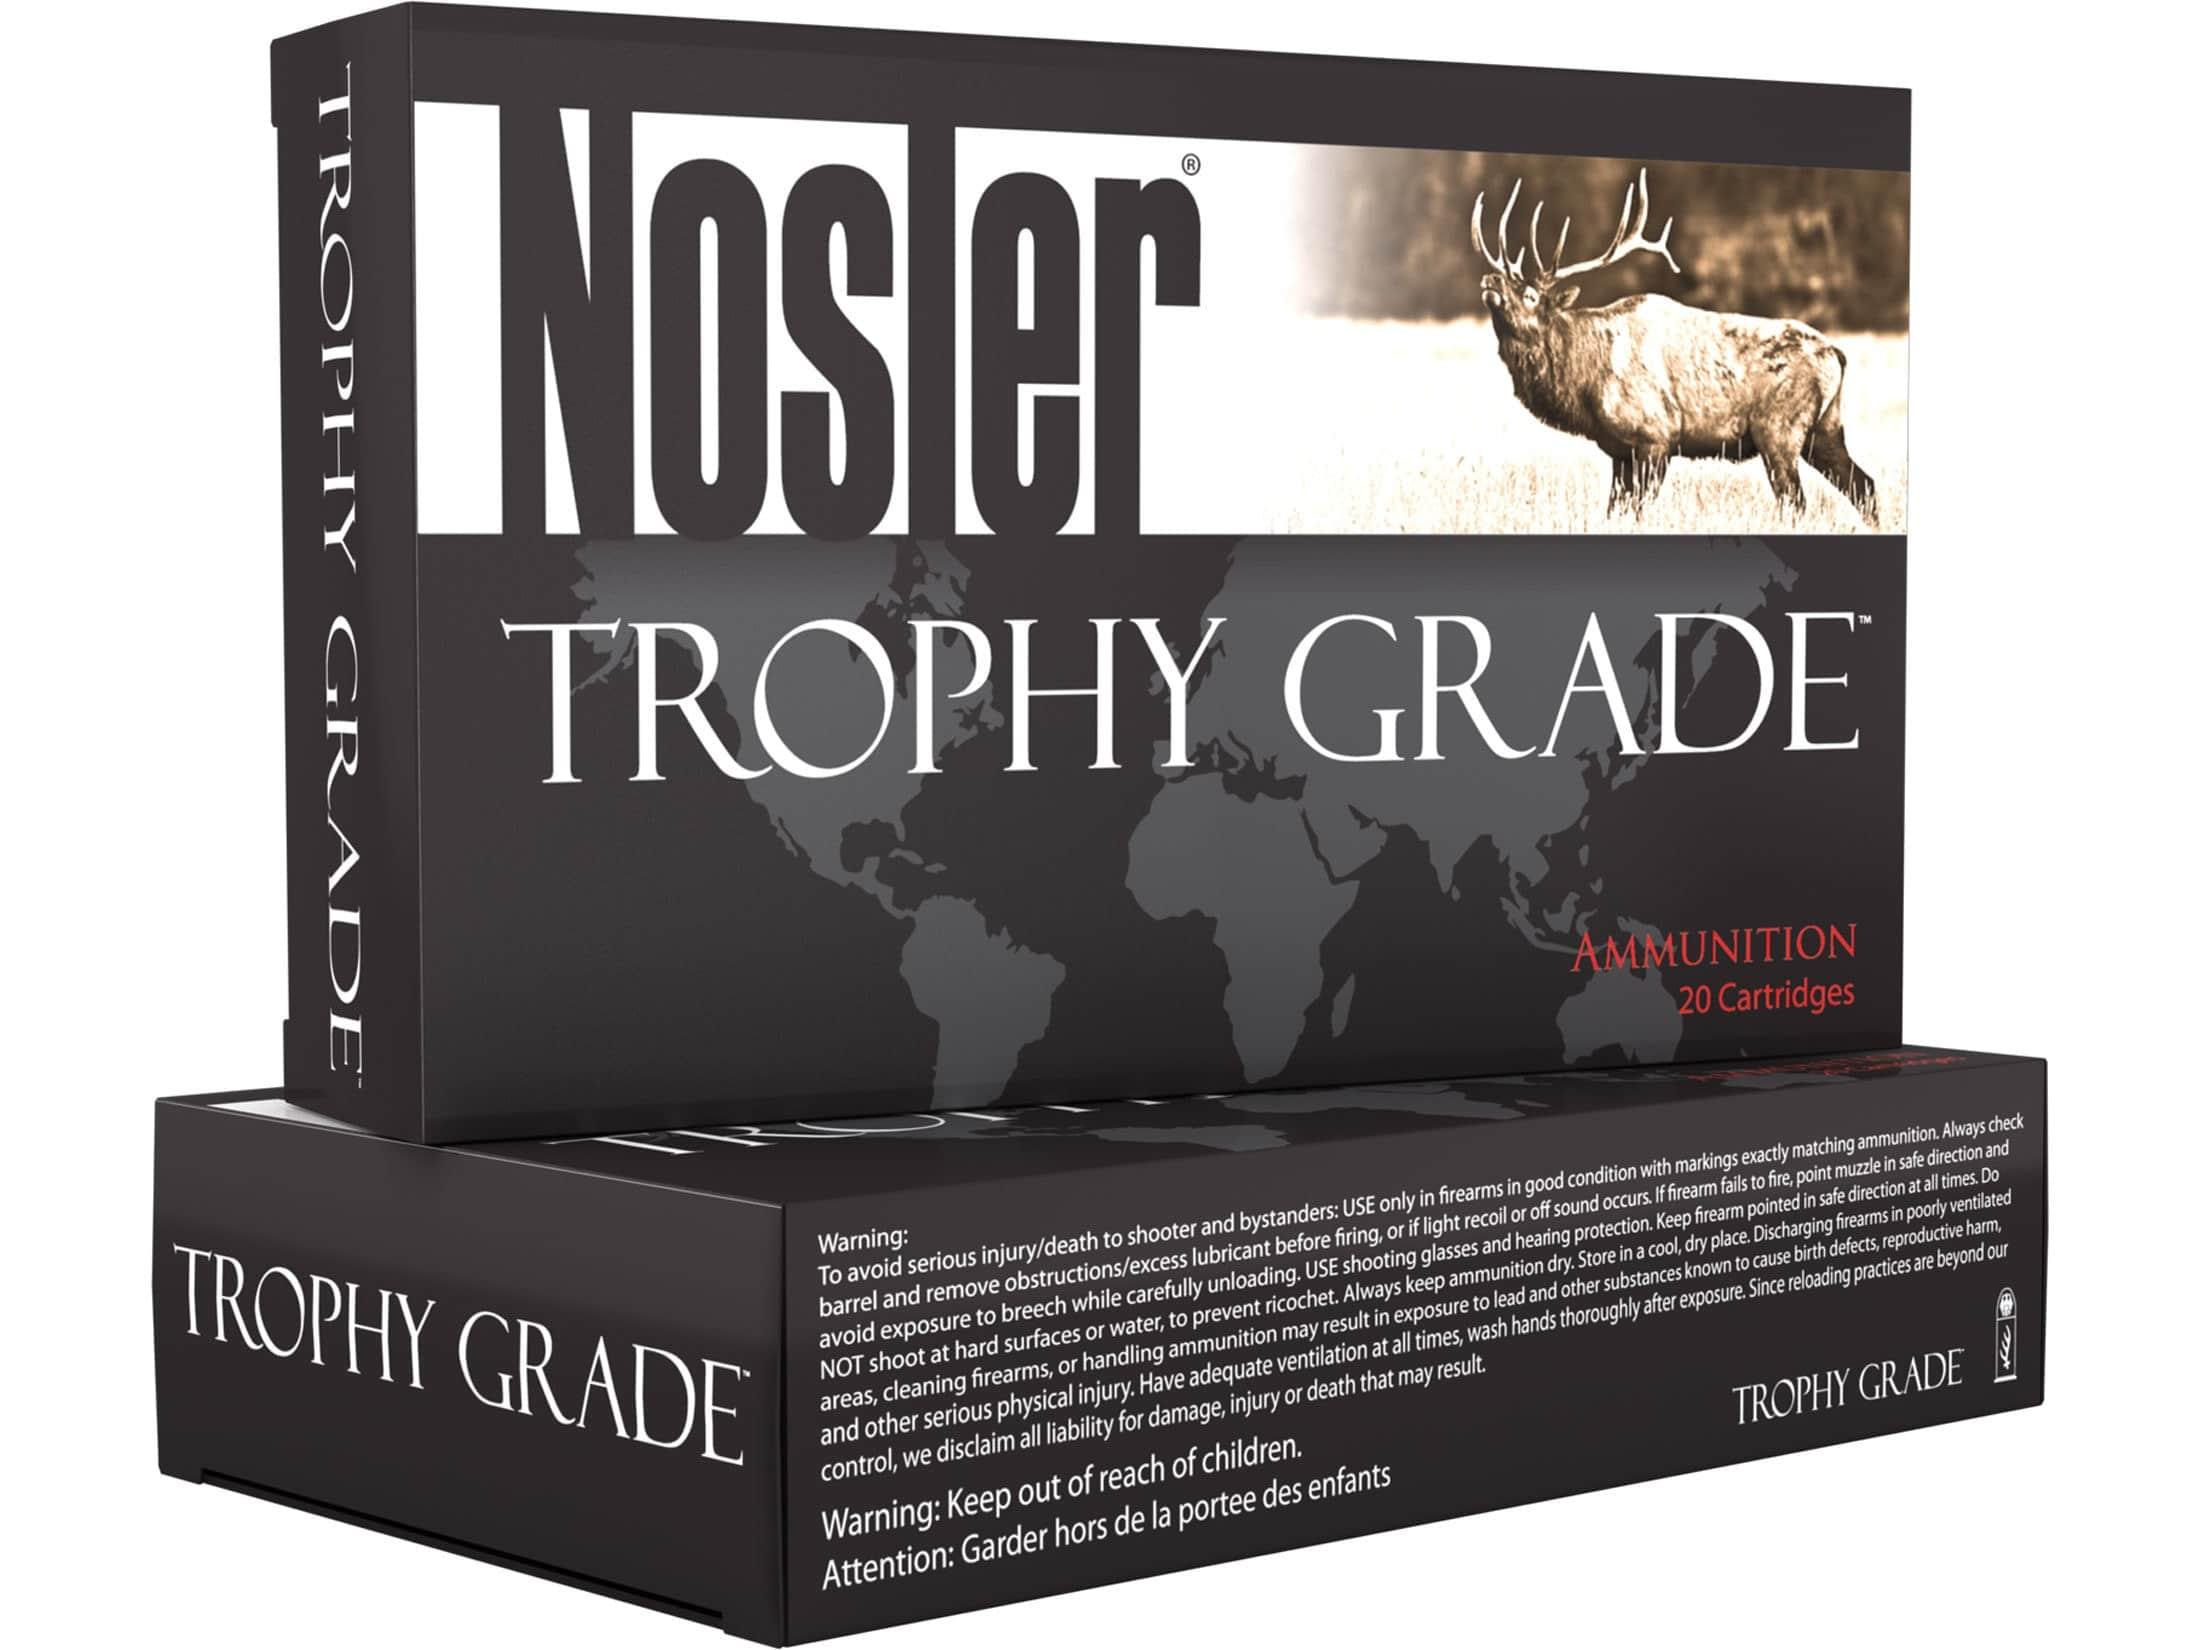 image of Nosler Trophy Grade ammo